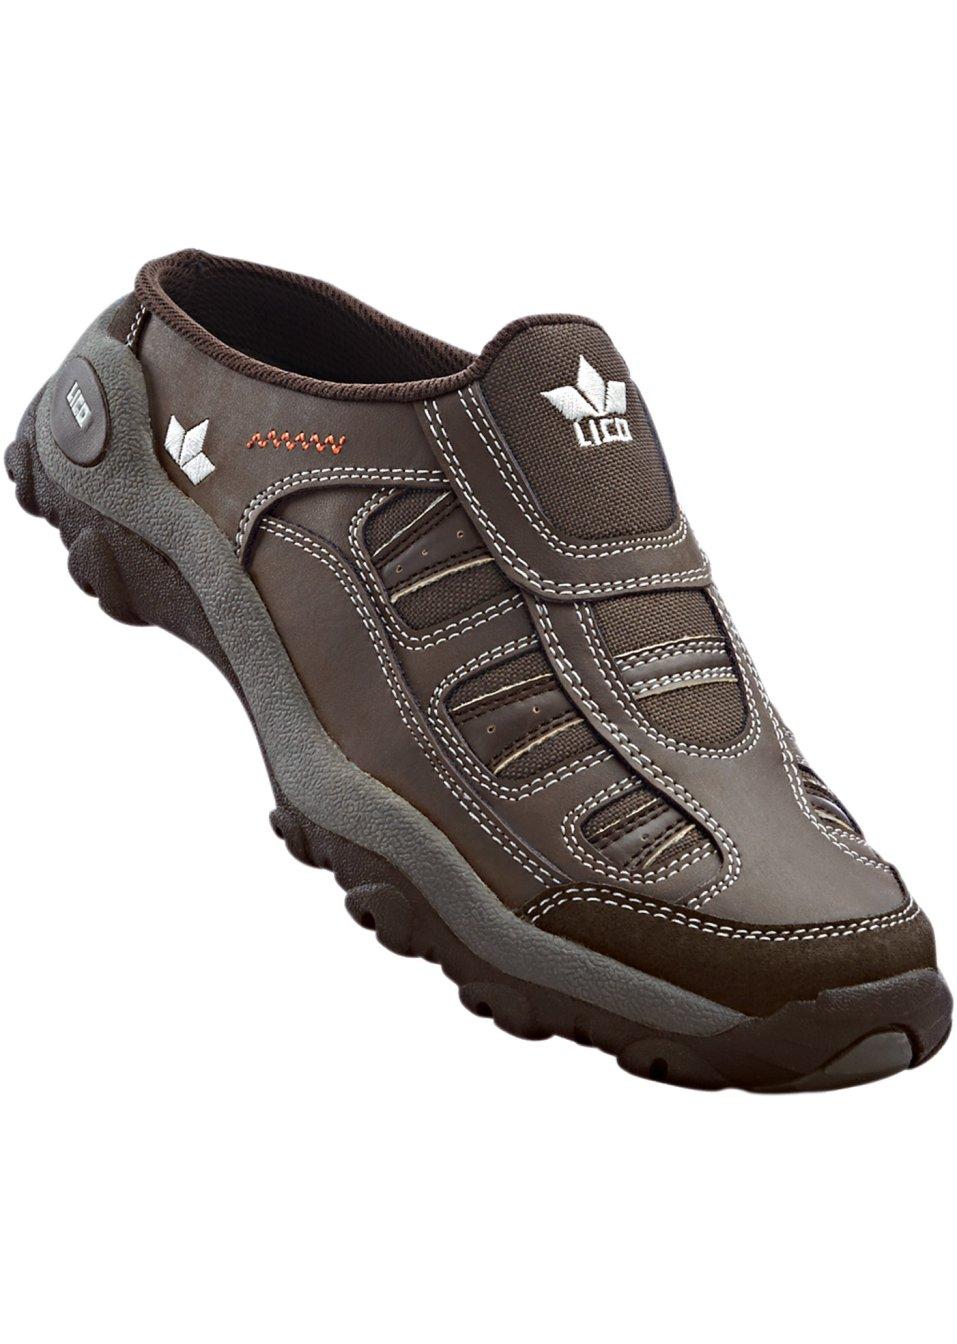 Chaussures De Randonnée En Gris - Lico Lico qxTu2Ws2As